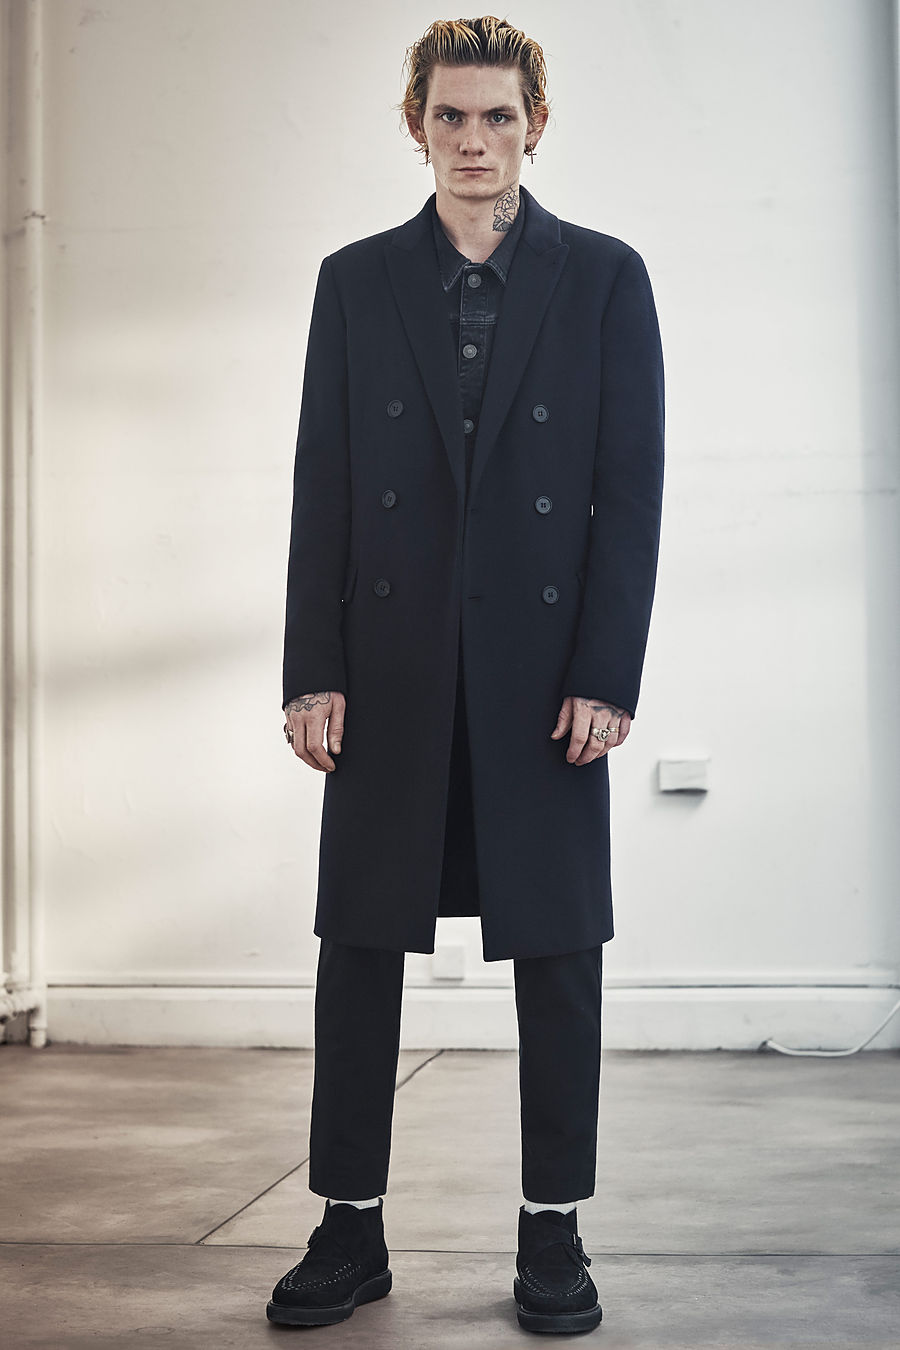 Storr denim jacket, £108 Pico trouser, £128 Bower Boot, £158